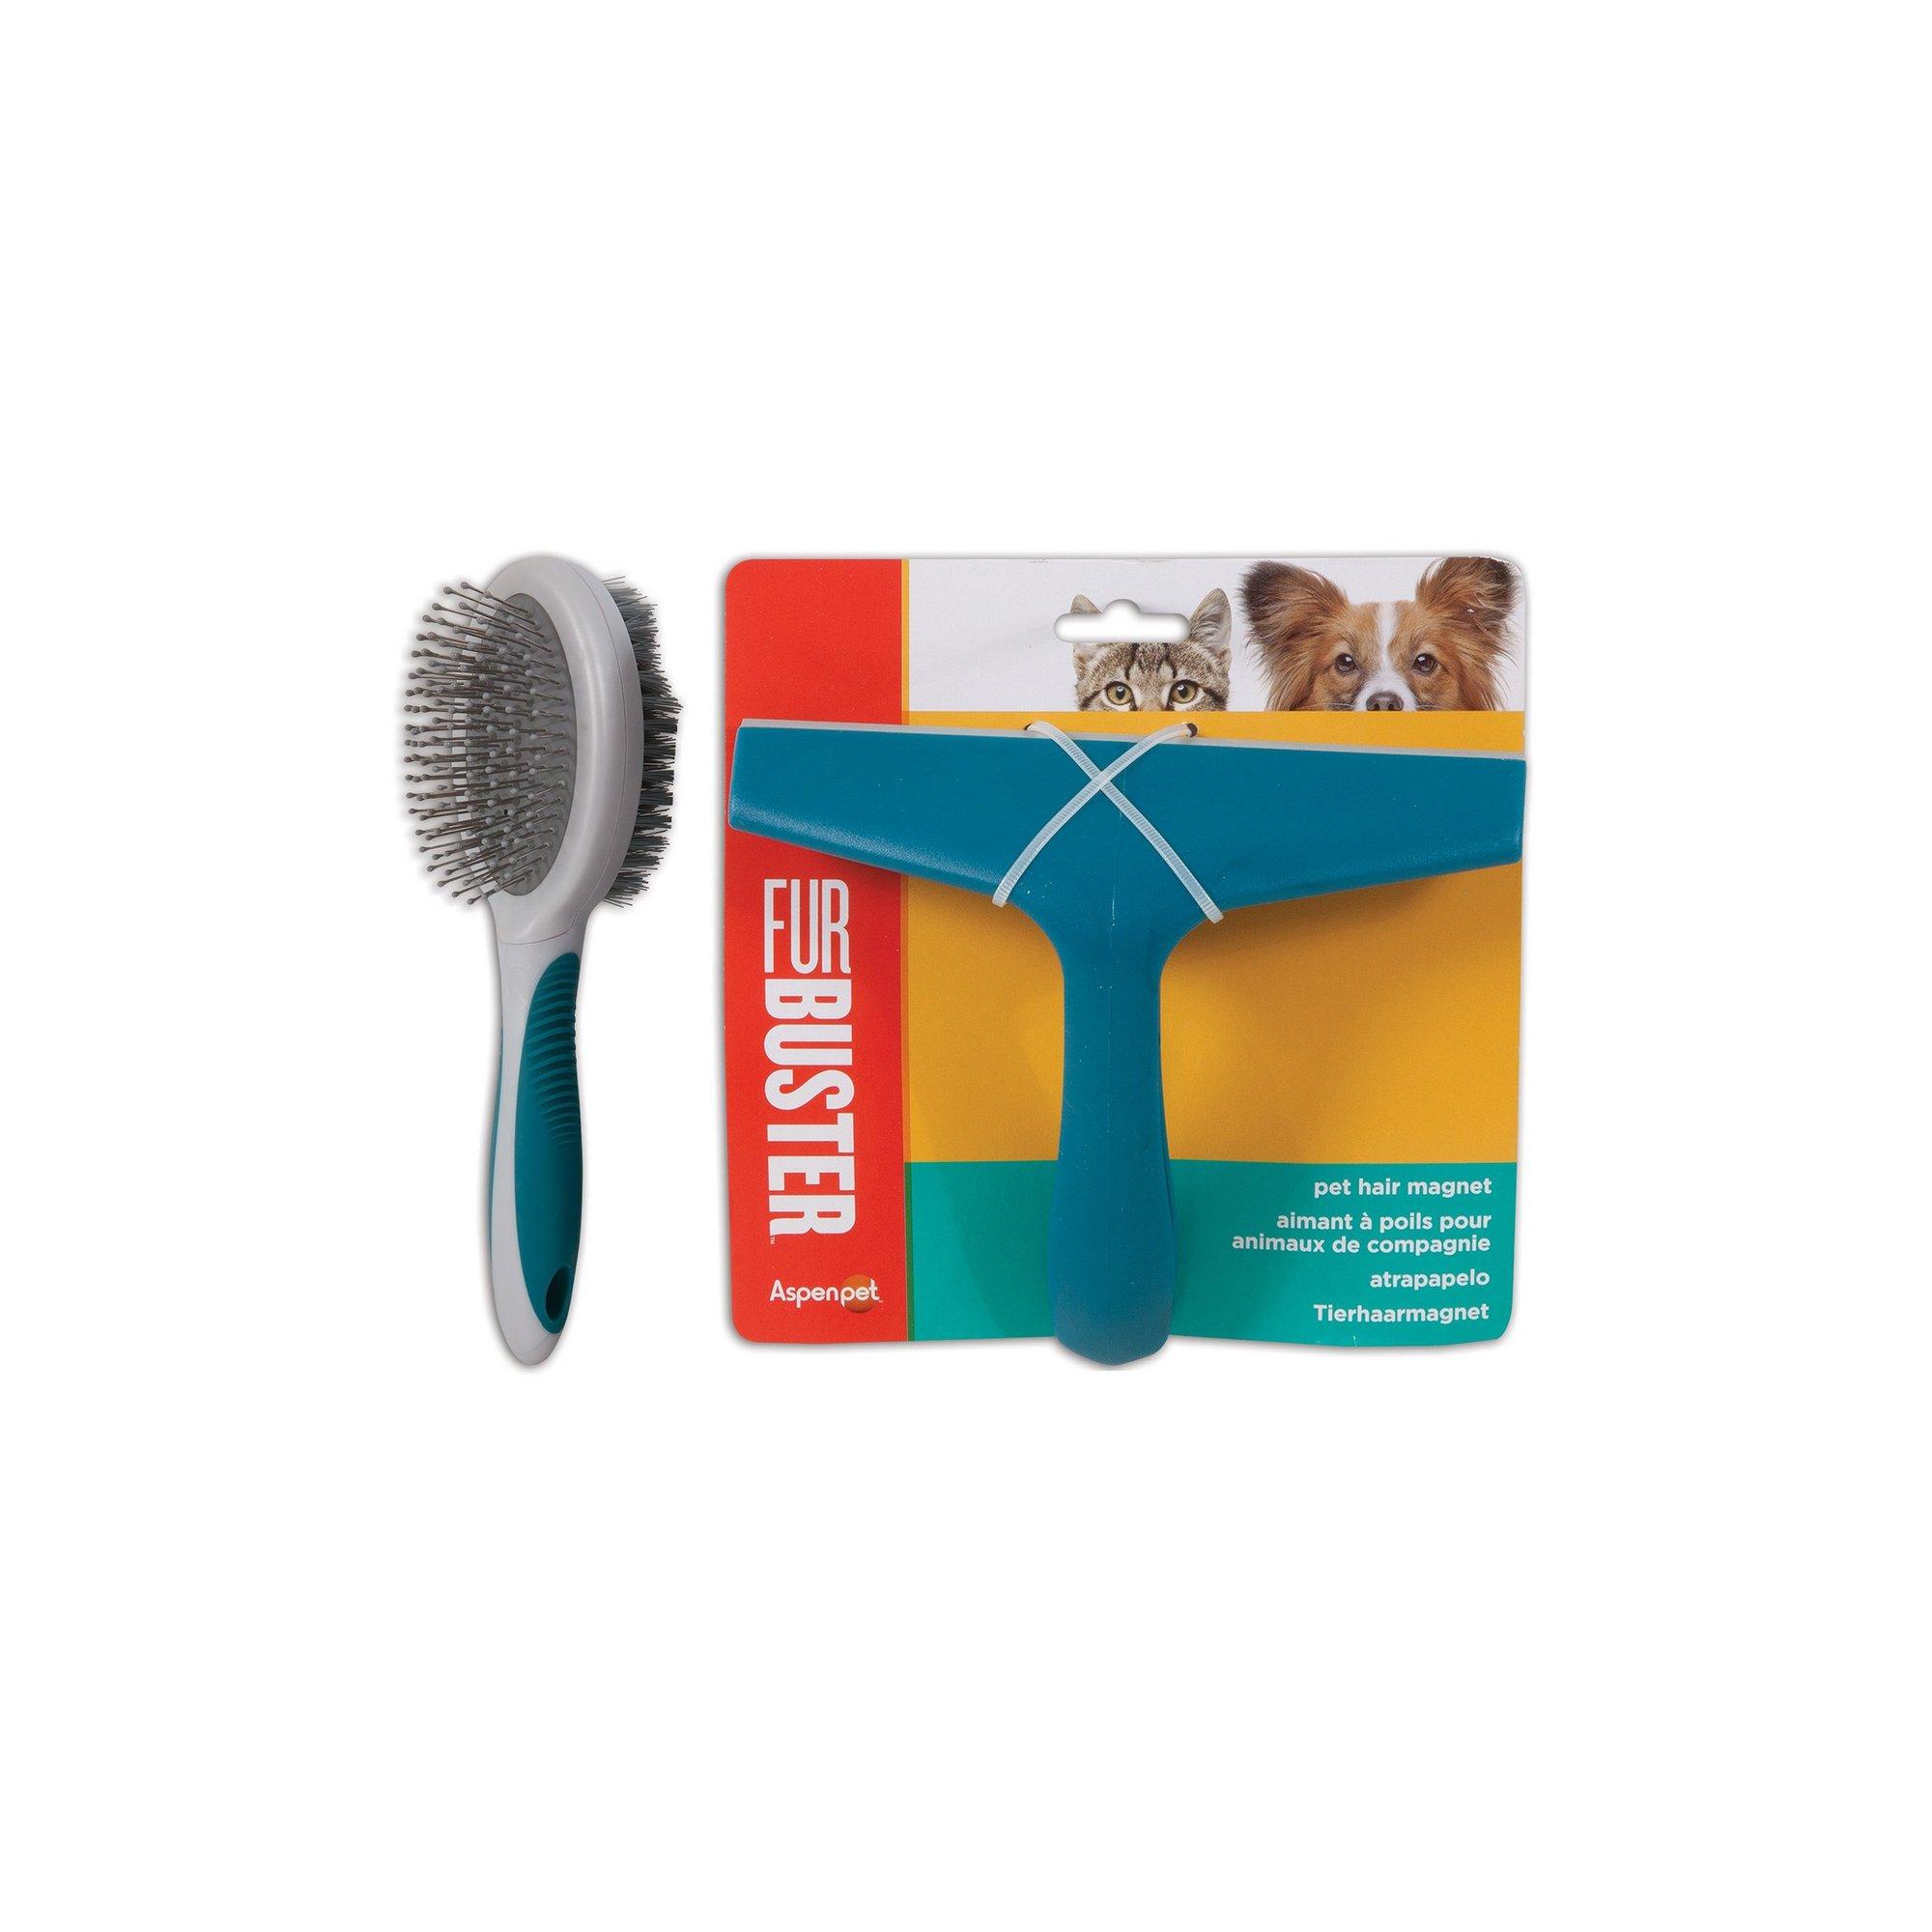 Image of Furbuster Pin/Bristle Brush and Pet Hair Magnet